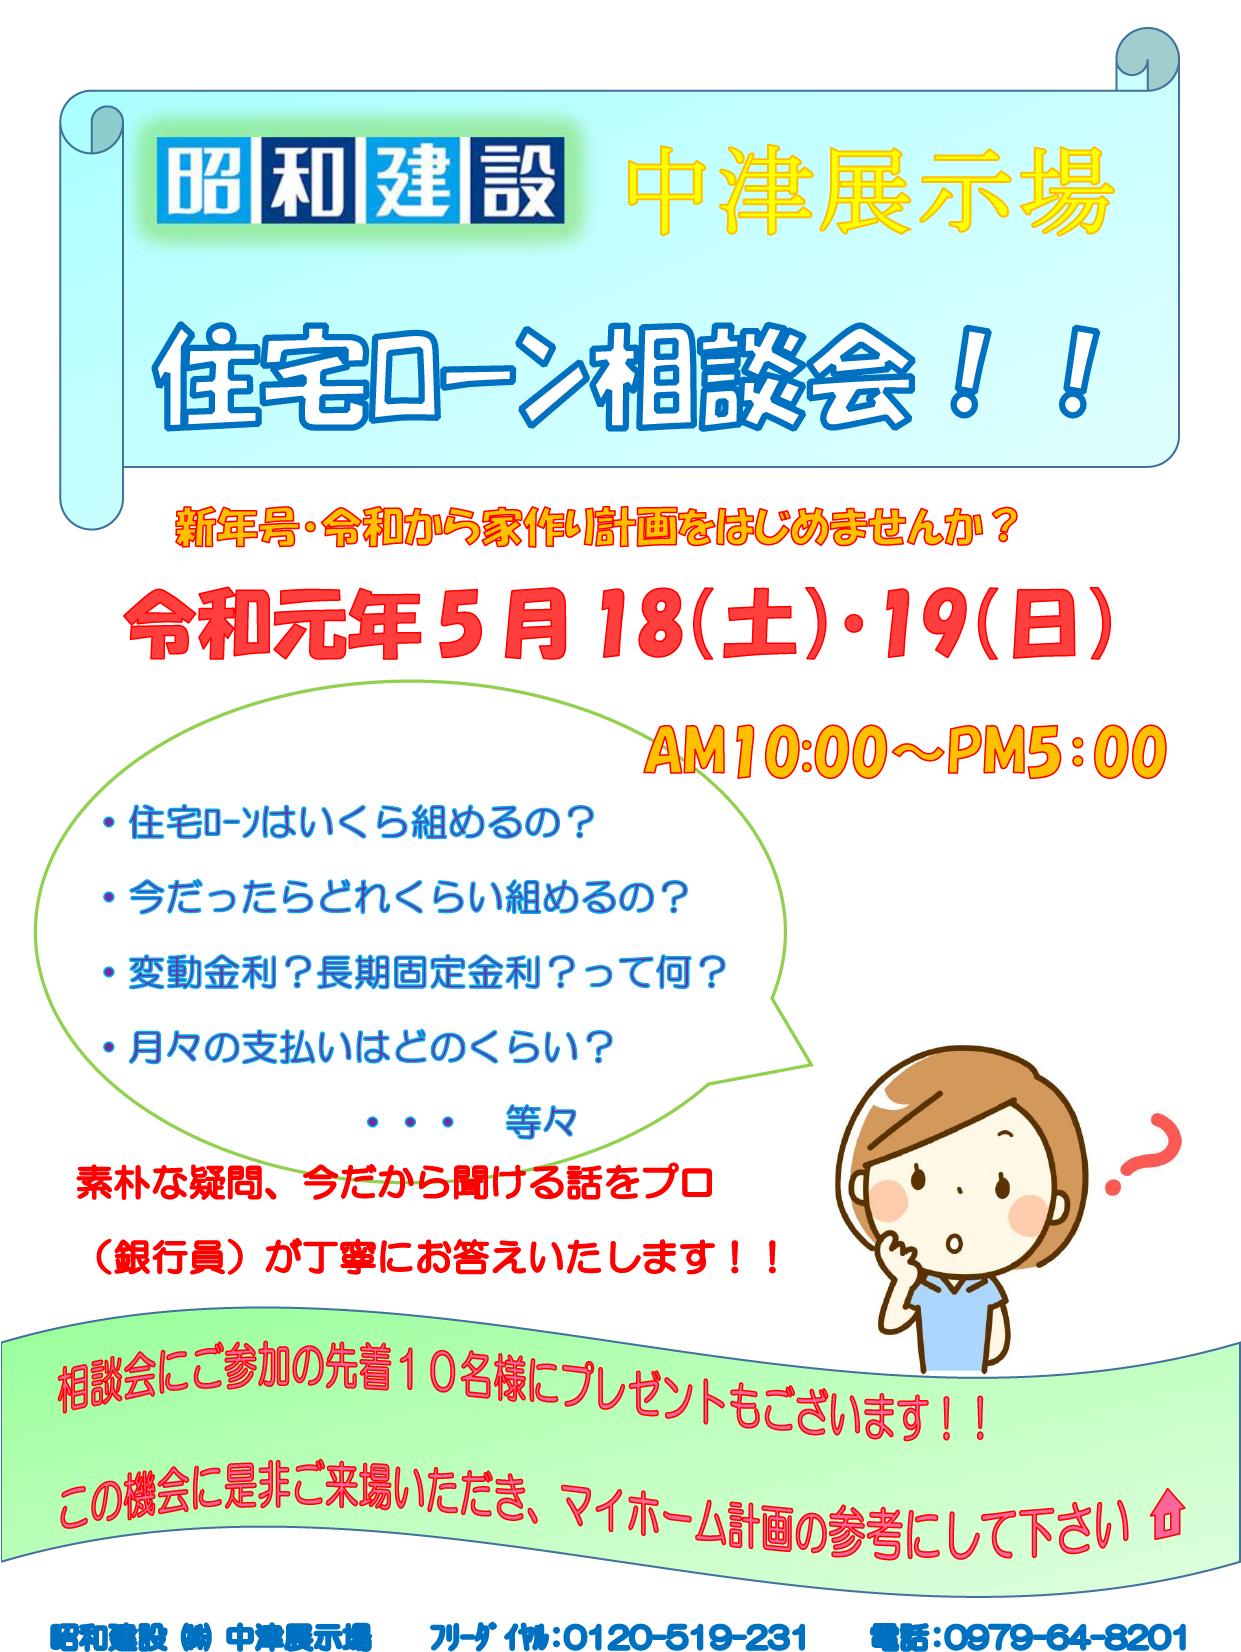 福岡 銀行 住宅 ローン 金利